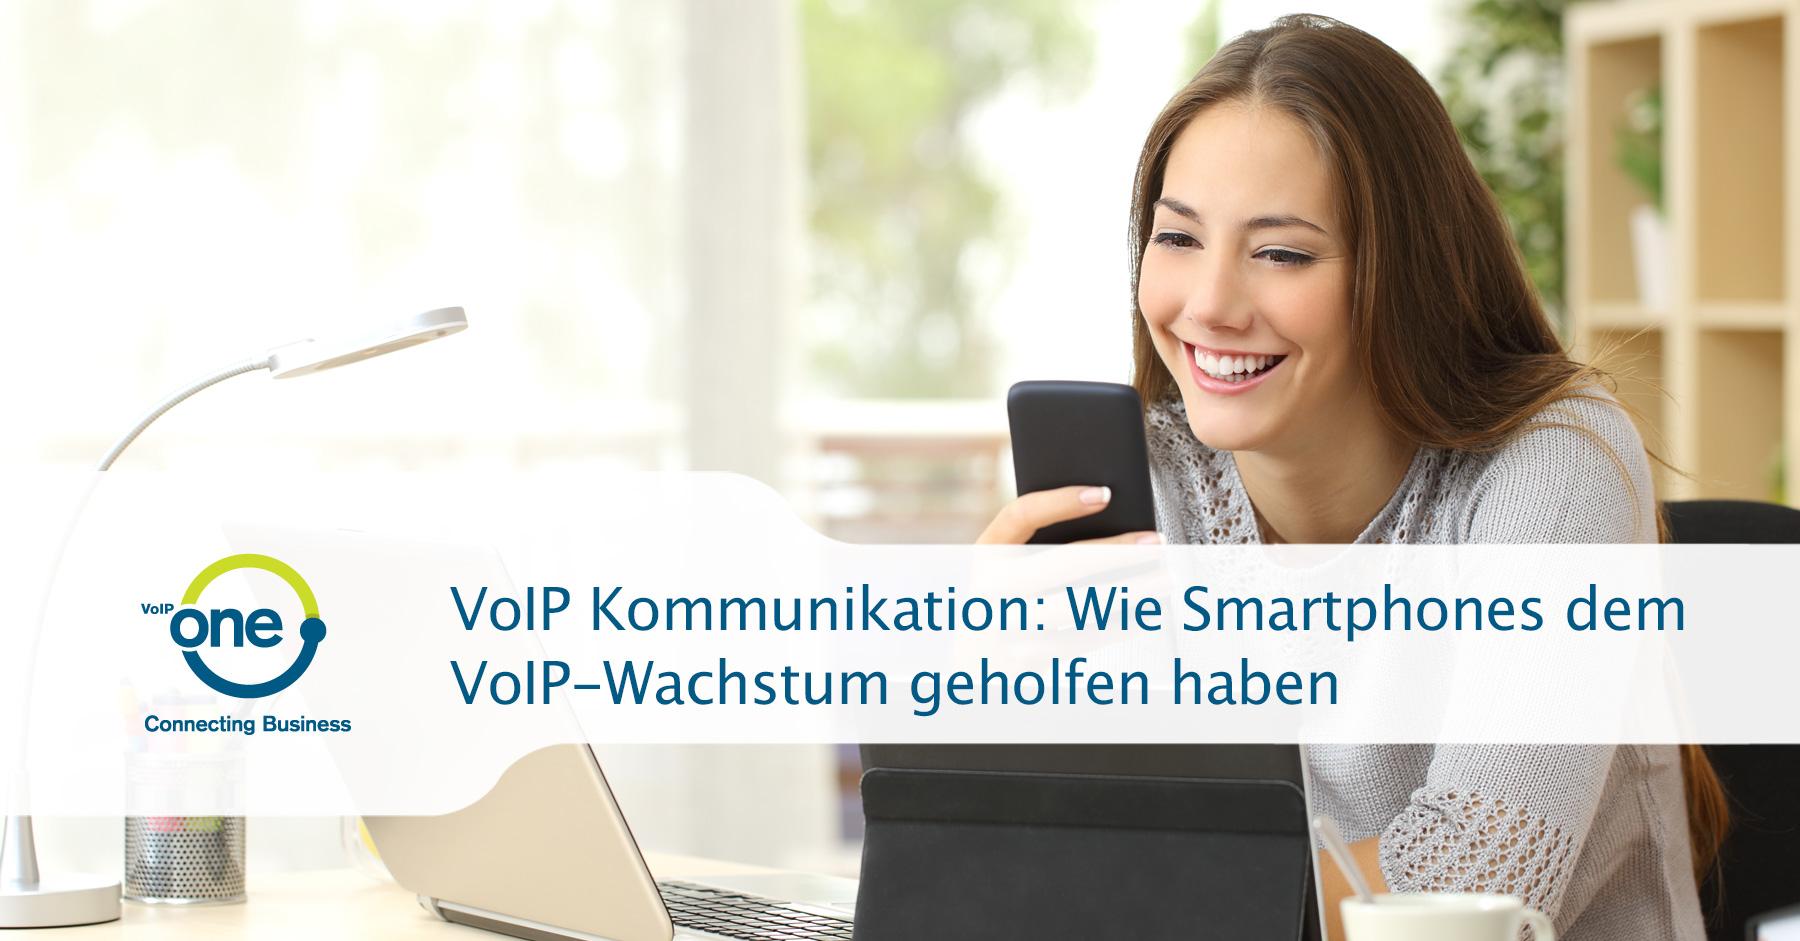 voip kommunikation